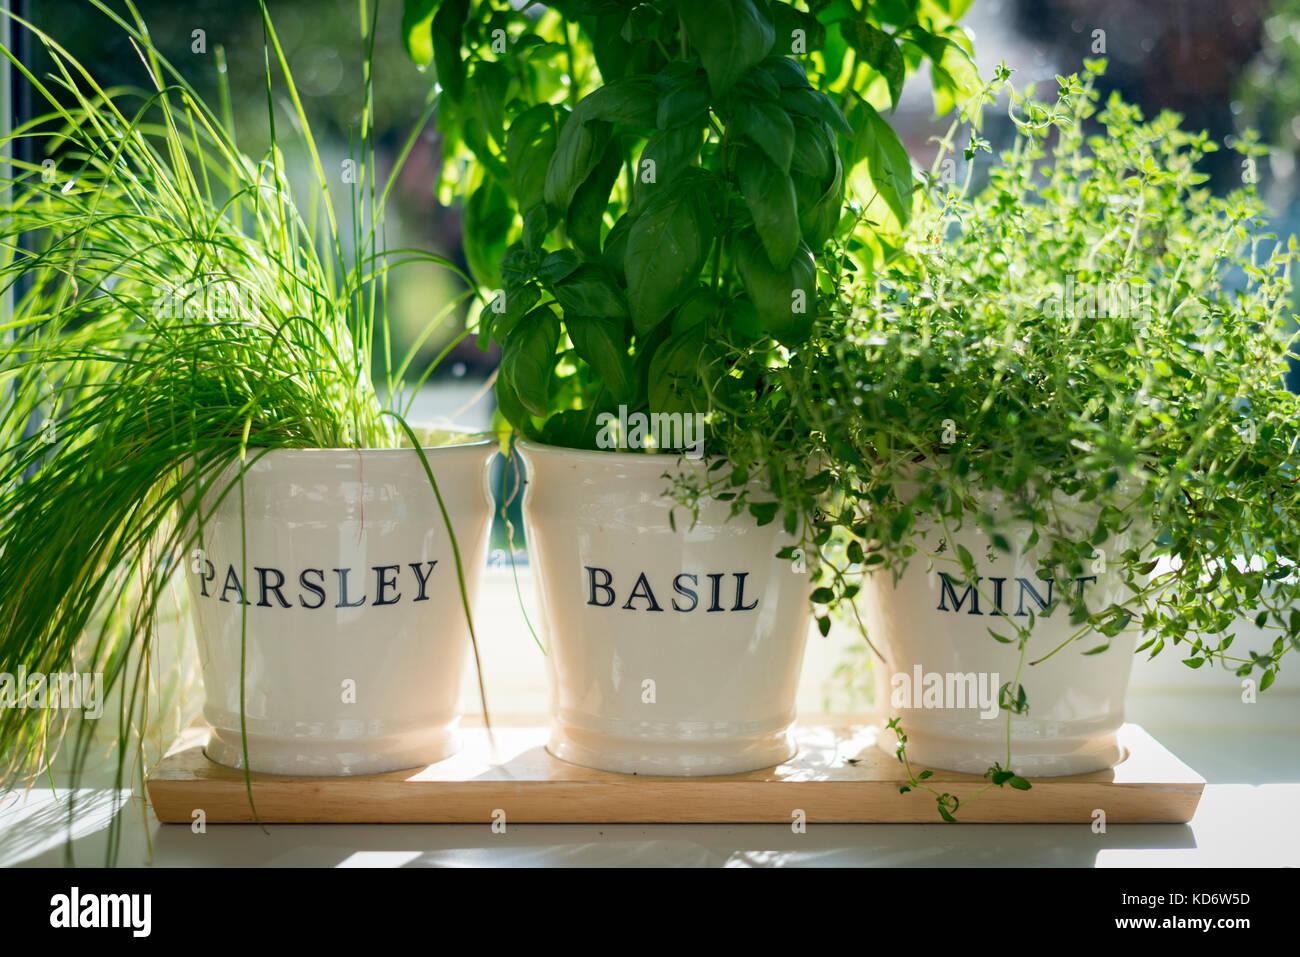 Kräuter Auf Küchenfensterbank Stockfotos und -bilder Kaufen - Alamy